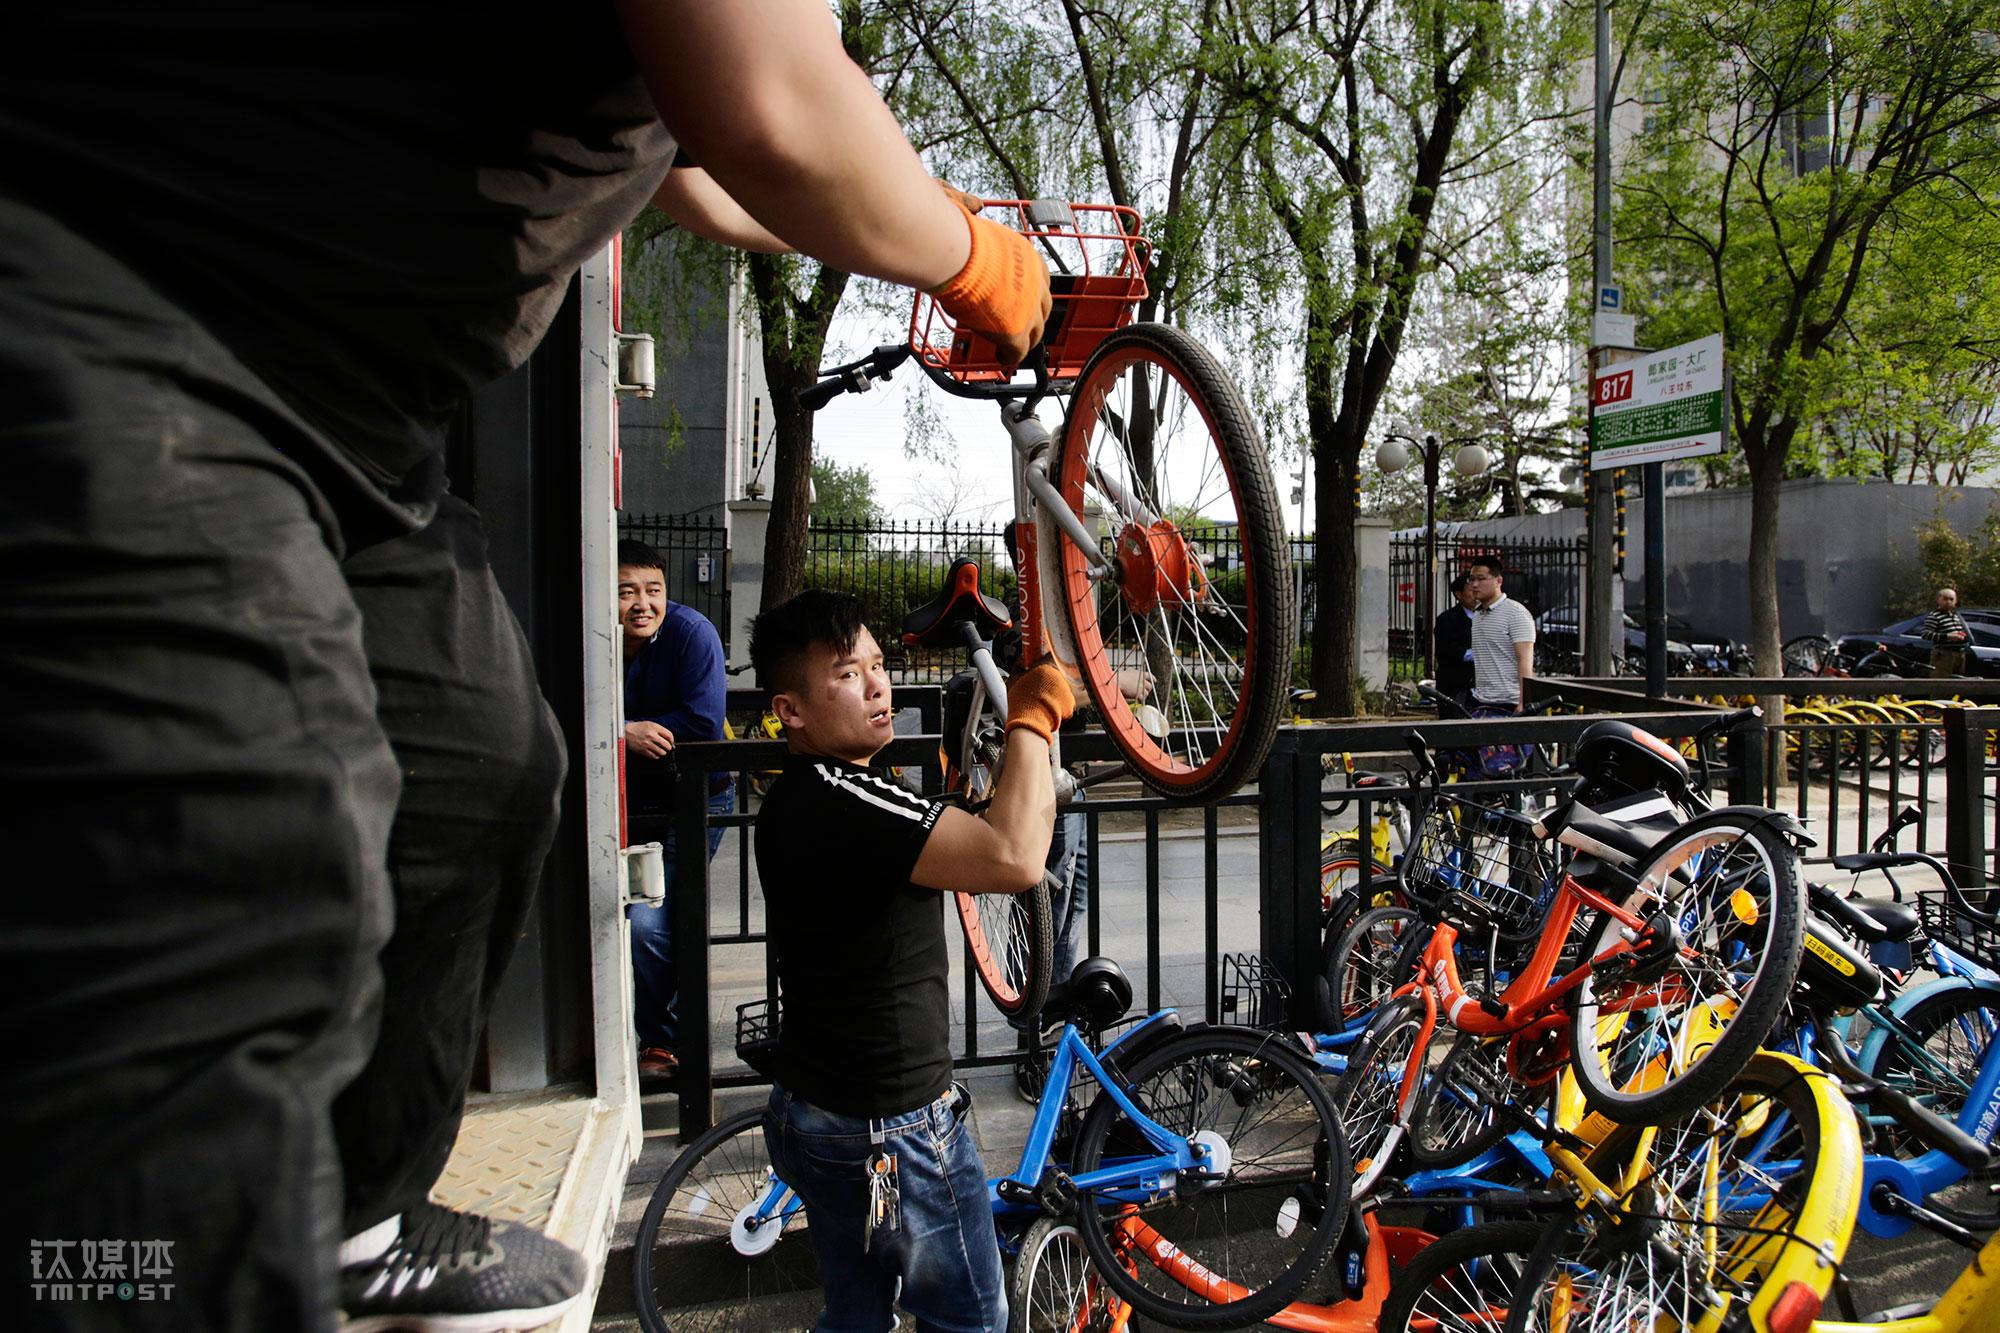 大强和工友在搬单车。大家每人负责一个车,但都会互相把对方的车装满了,再一起出发去运送目的地。